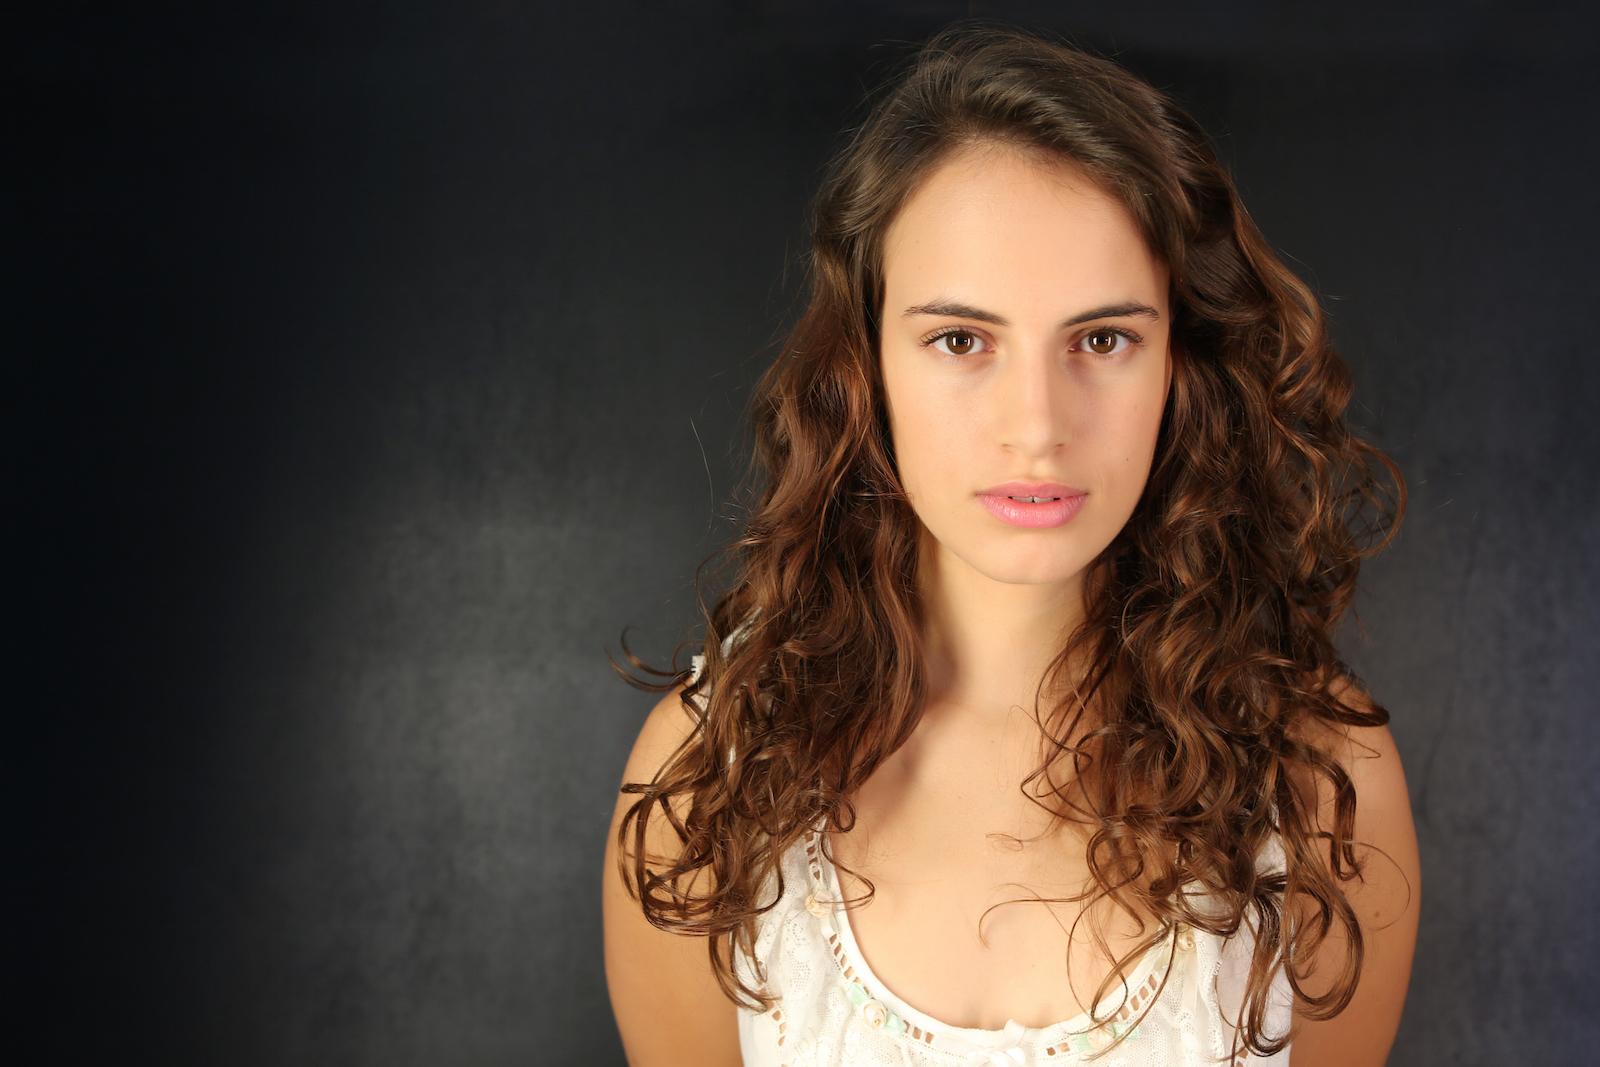 Braccialetti rossi 2: Angela Curri (Bea) in una foto promozionale